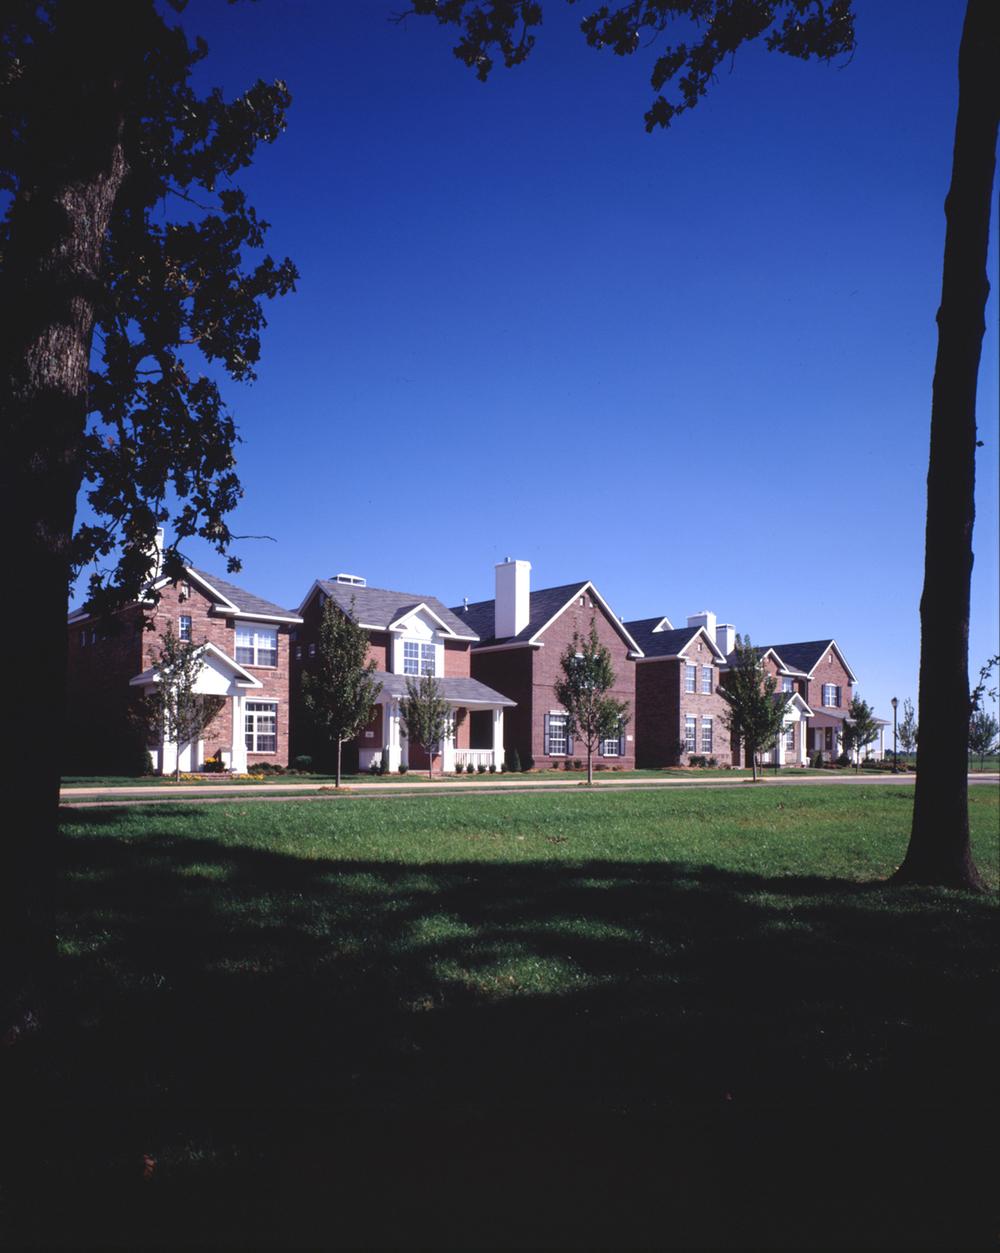 94040 Har-Ber Meadows photo houses.jpg